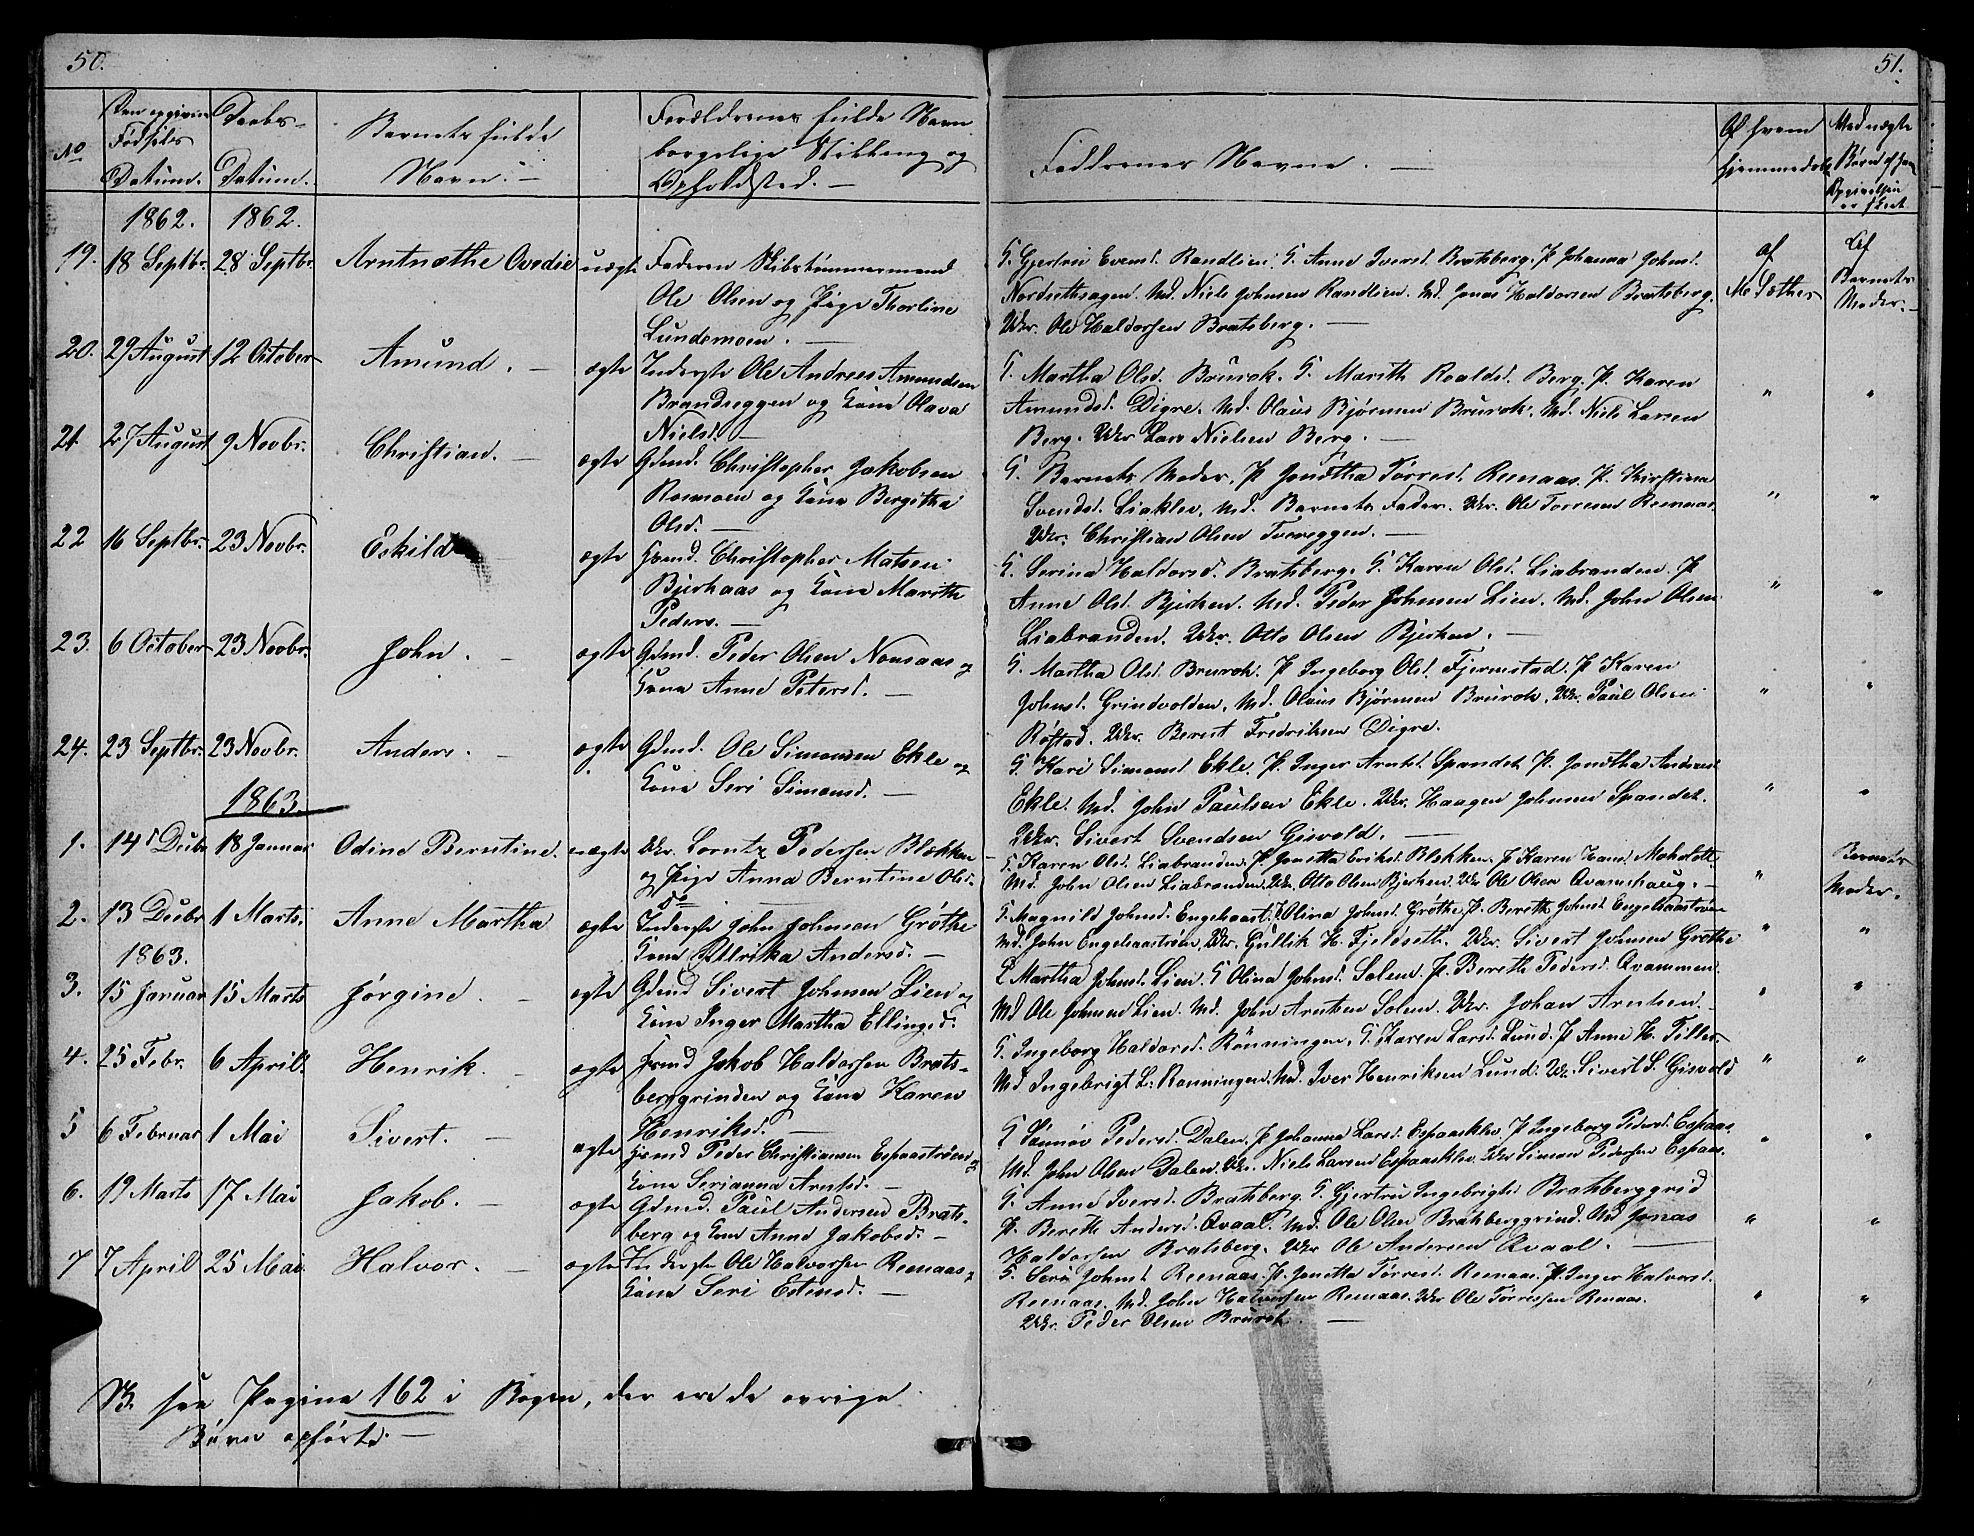 SAT, Ministerialprotokoller, klokkerbøker og fødselsregistre - Sør-Trøndelag, 608/L0339: Klokkerbok nr. 608C05, 1844-1863, s. 50-51